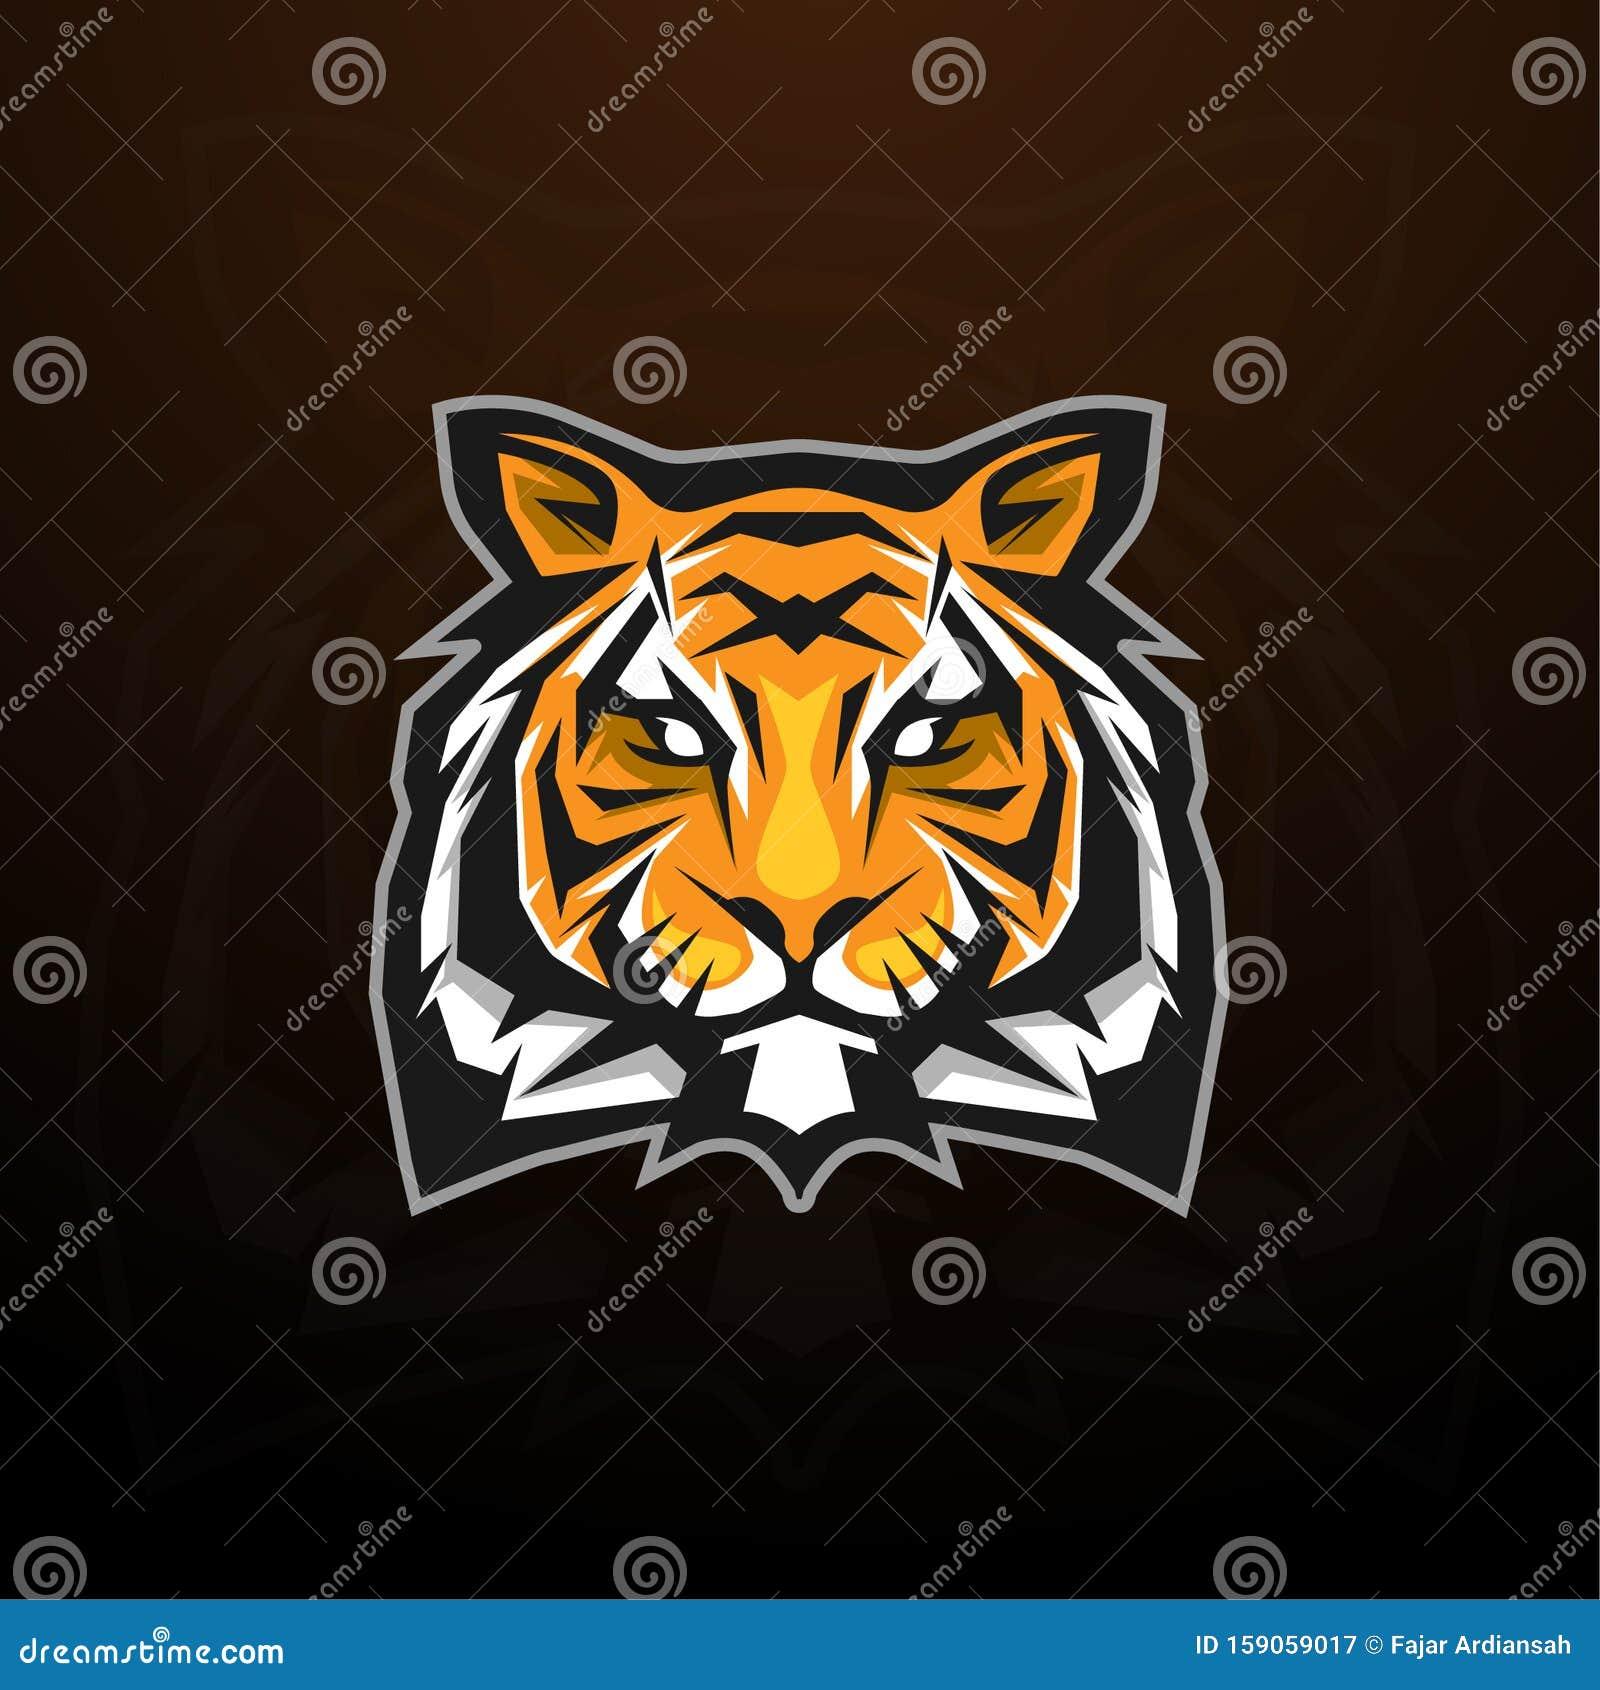 Tiger head mascot logo concept